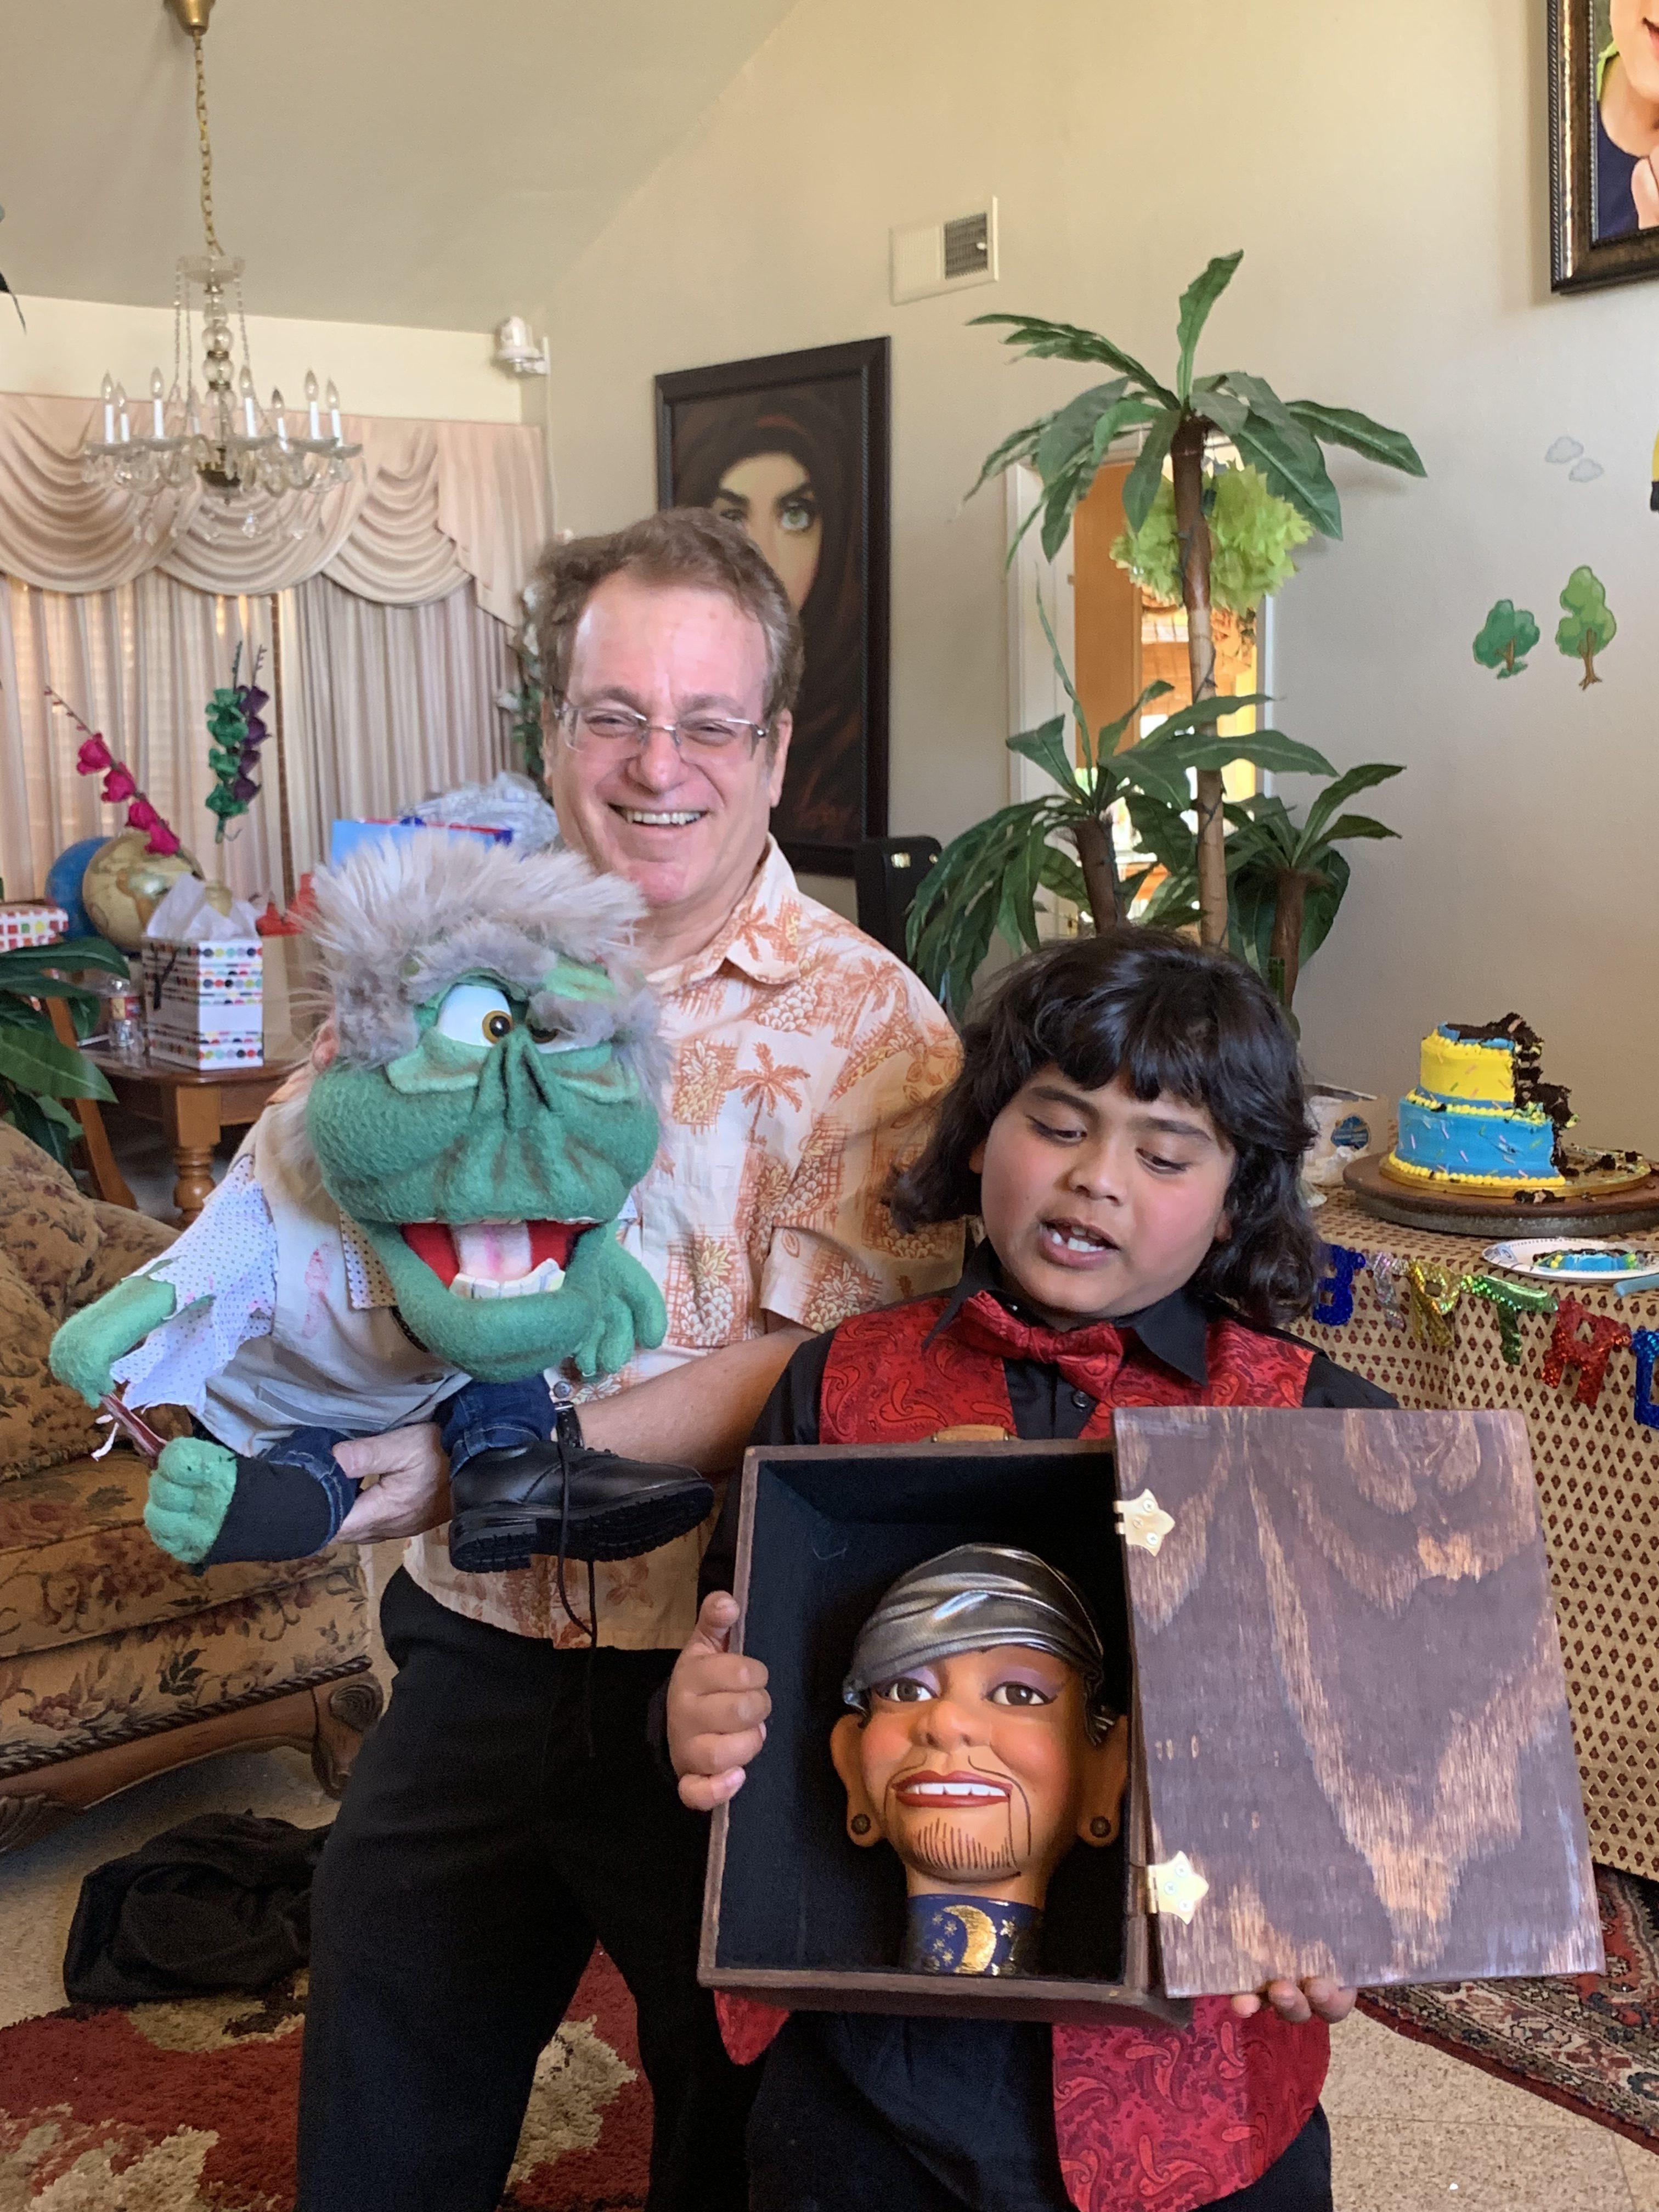 Ventriloquist in San Diego, CA